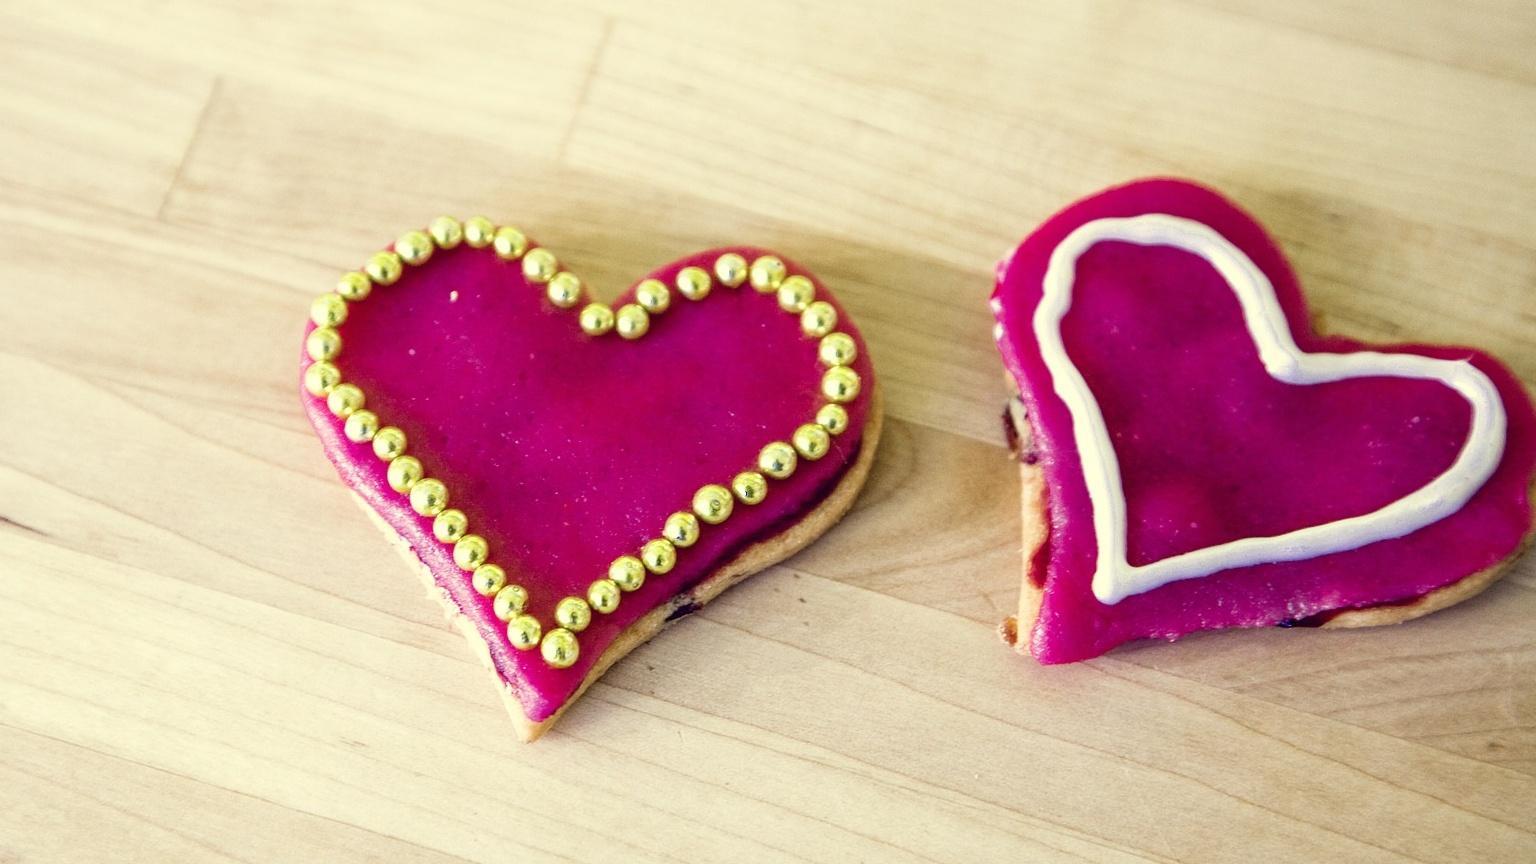 Ein süßes Last-Minute-Geschenk zum Valentinstag selber machen: bunt verzierte Herzen zum Naschen.